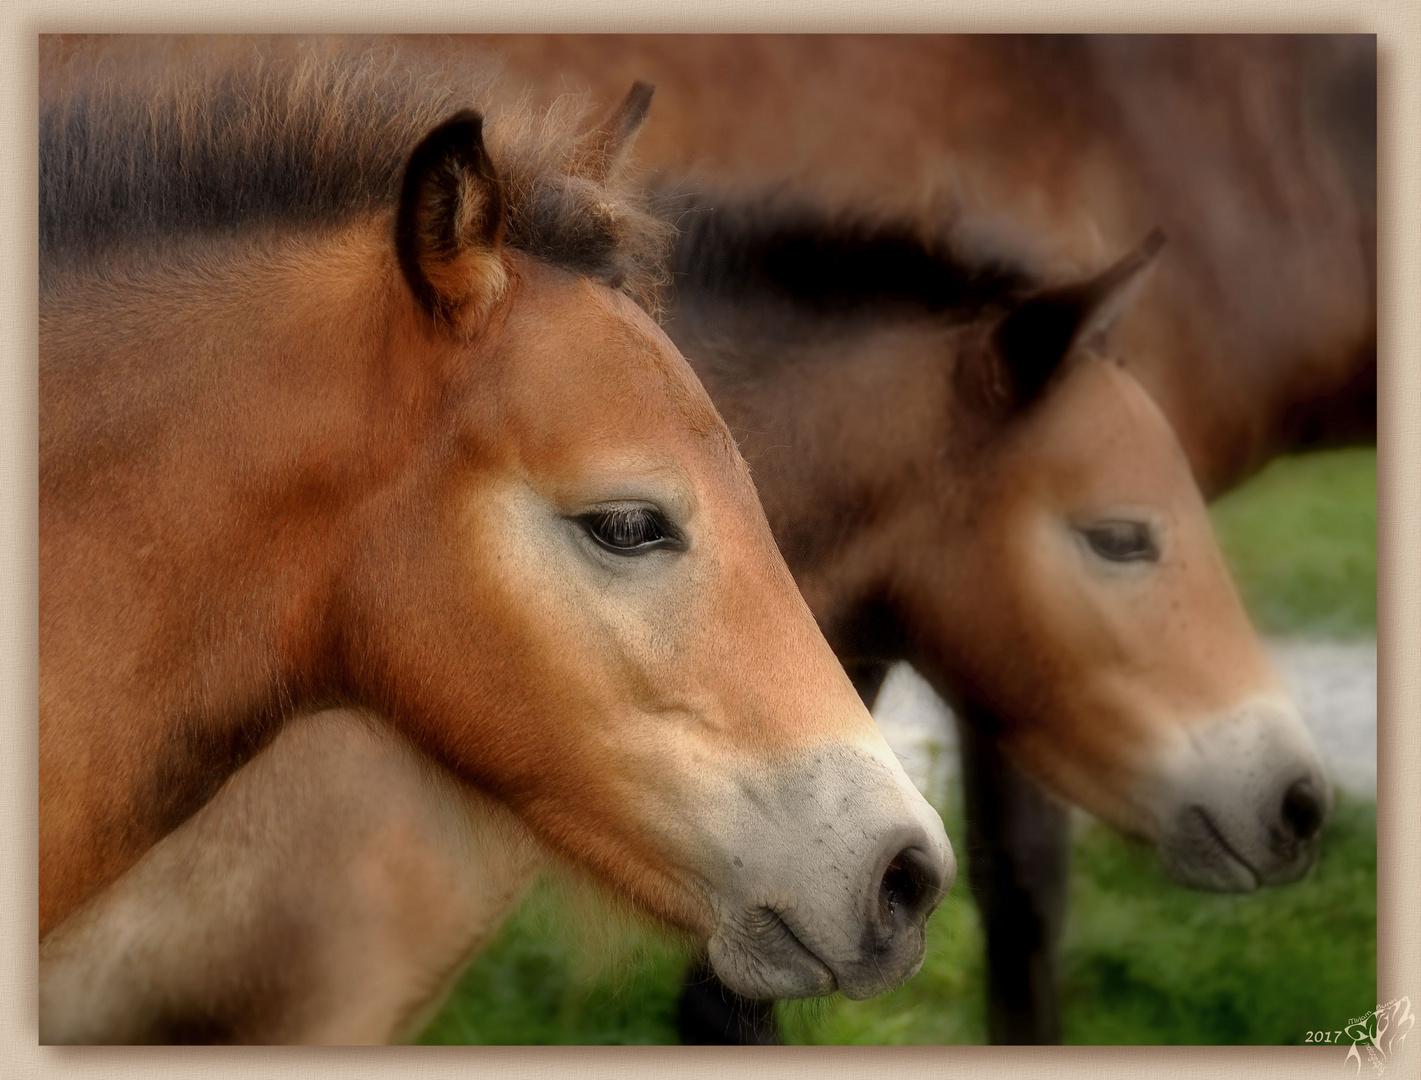 Exmoor ponies in the wild ..